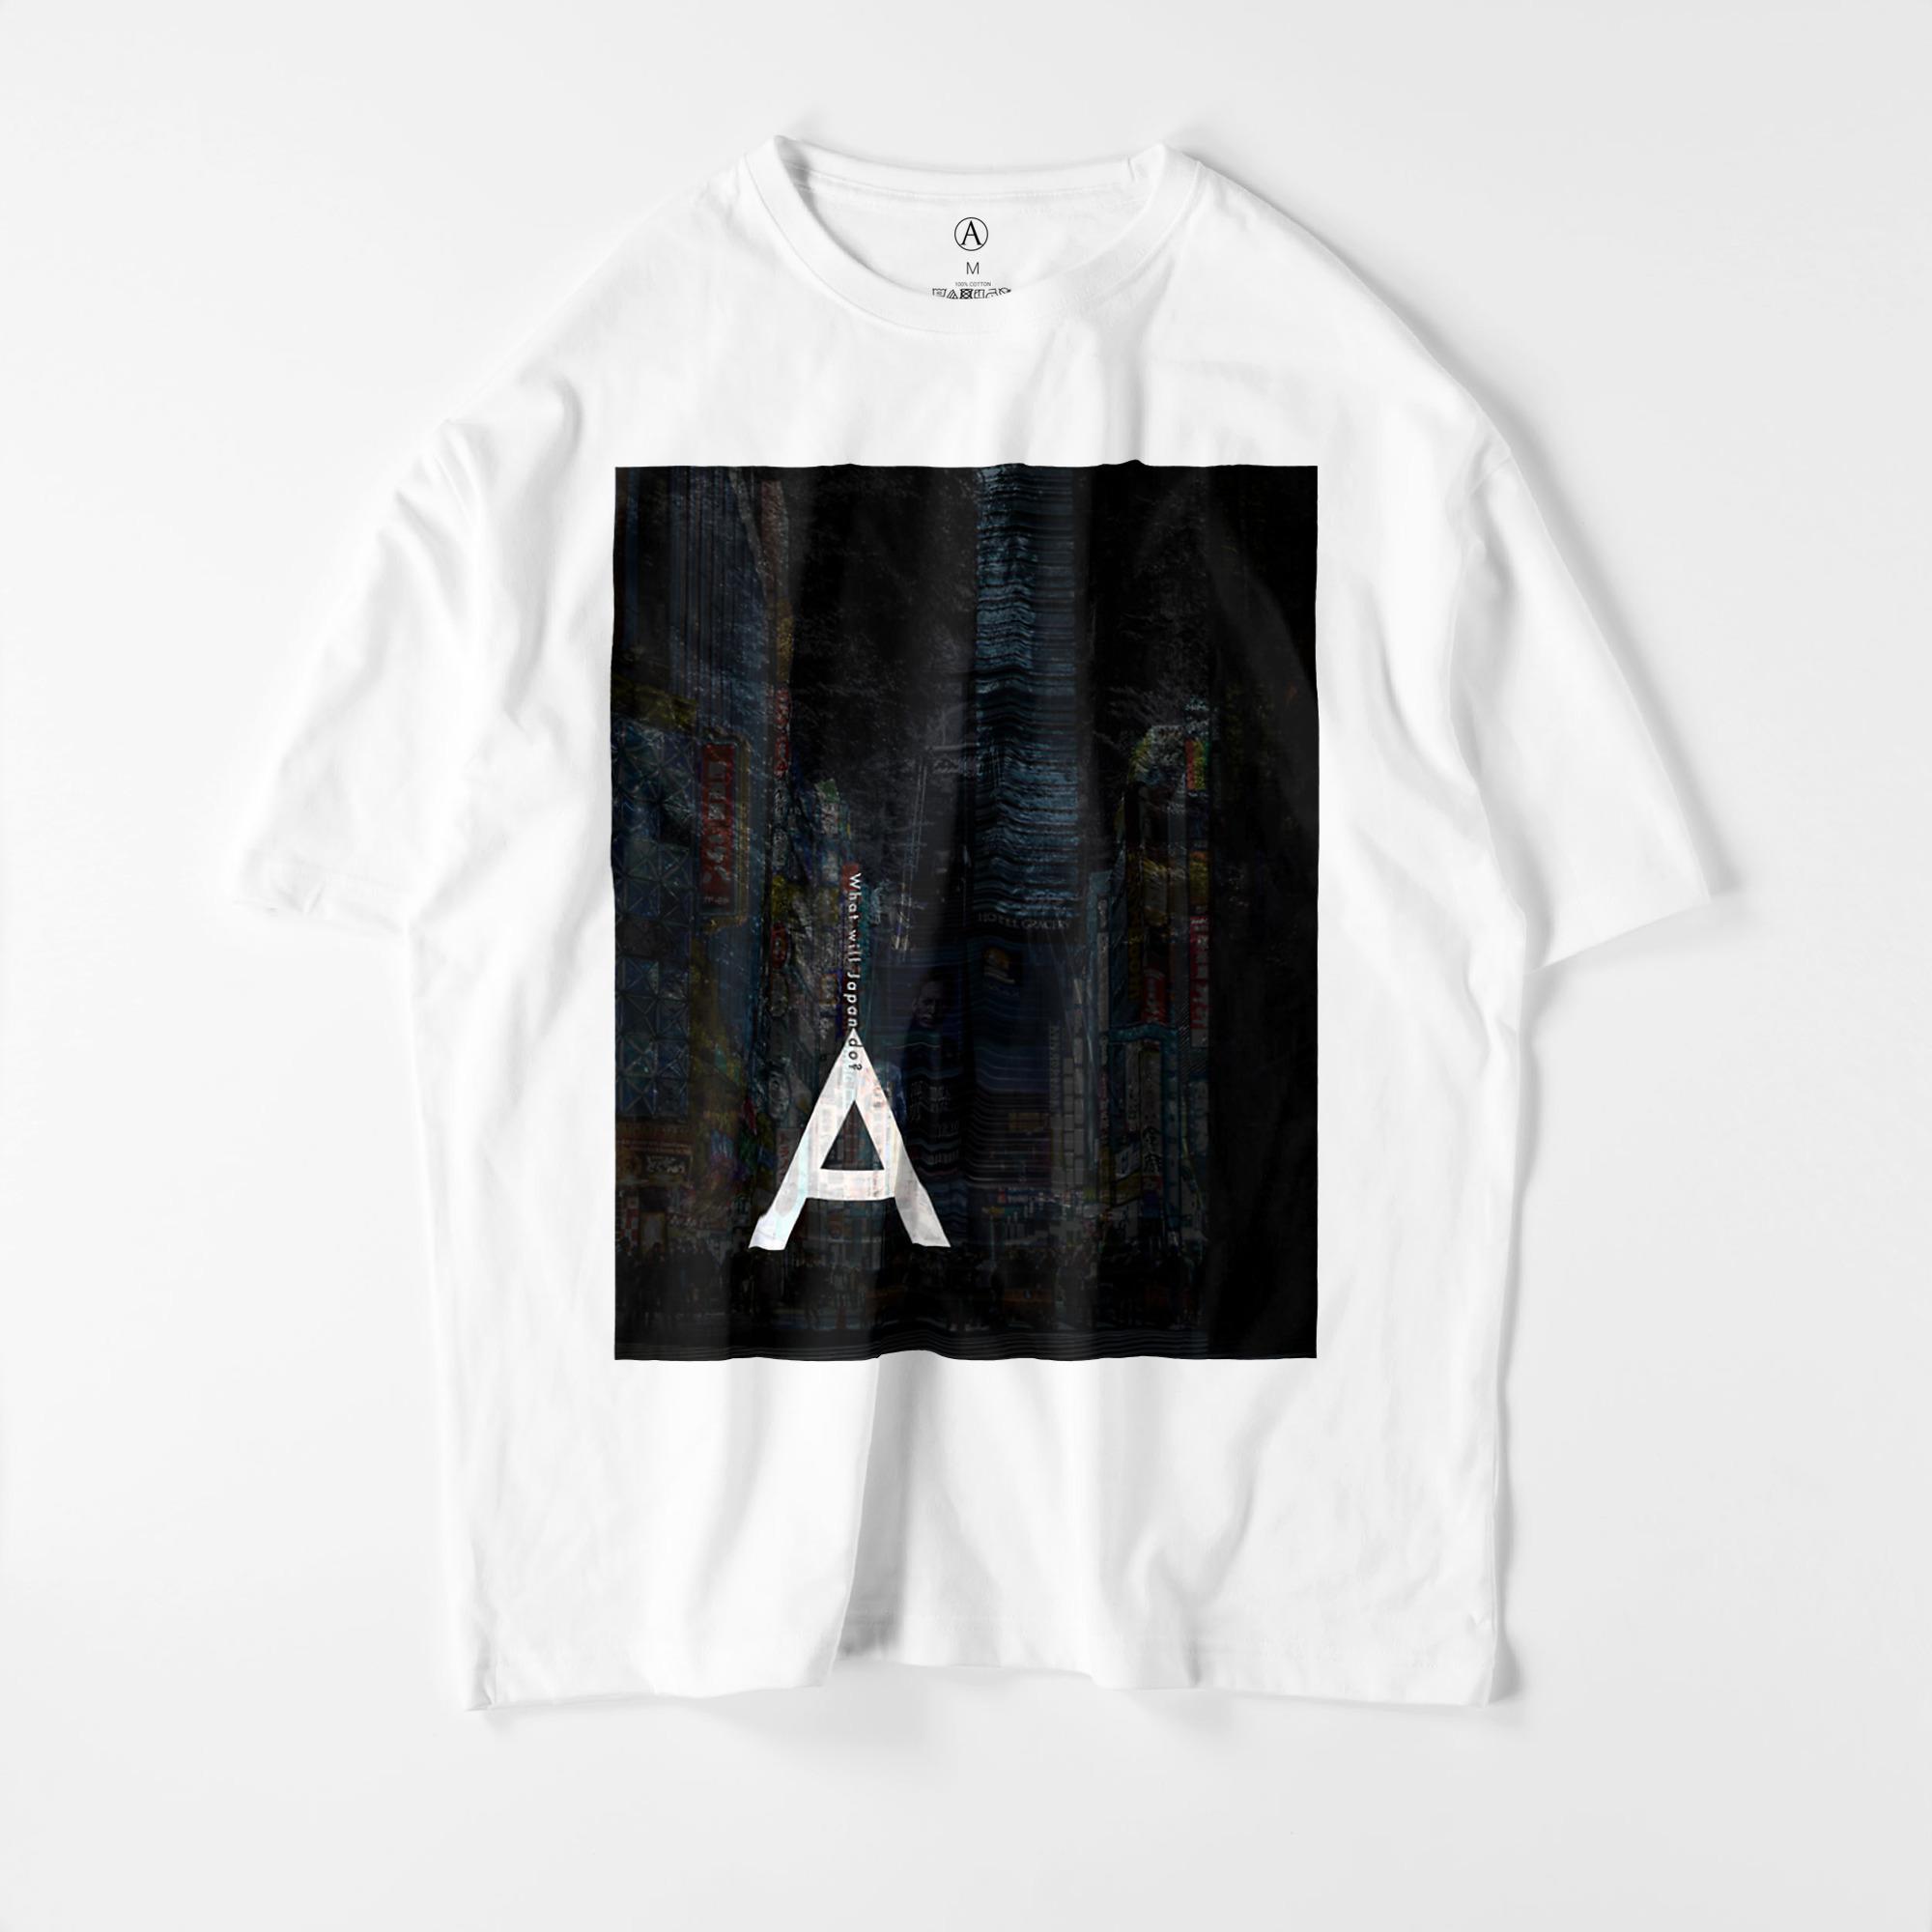 WWJD ビッグシルエットTシャツ ホワイト / Mens